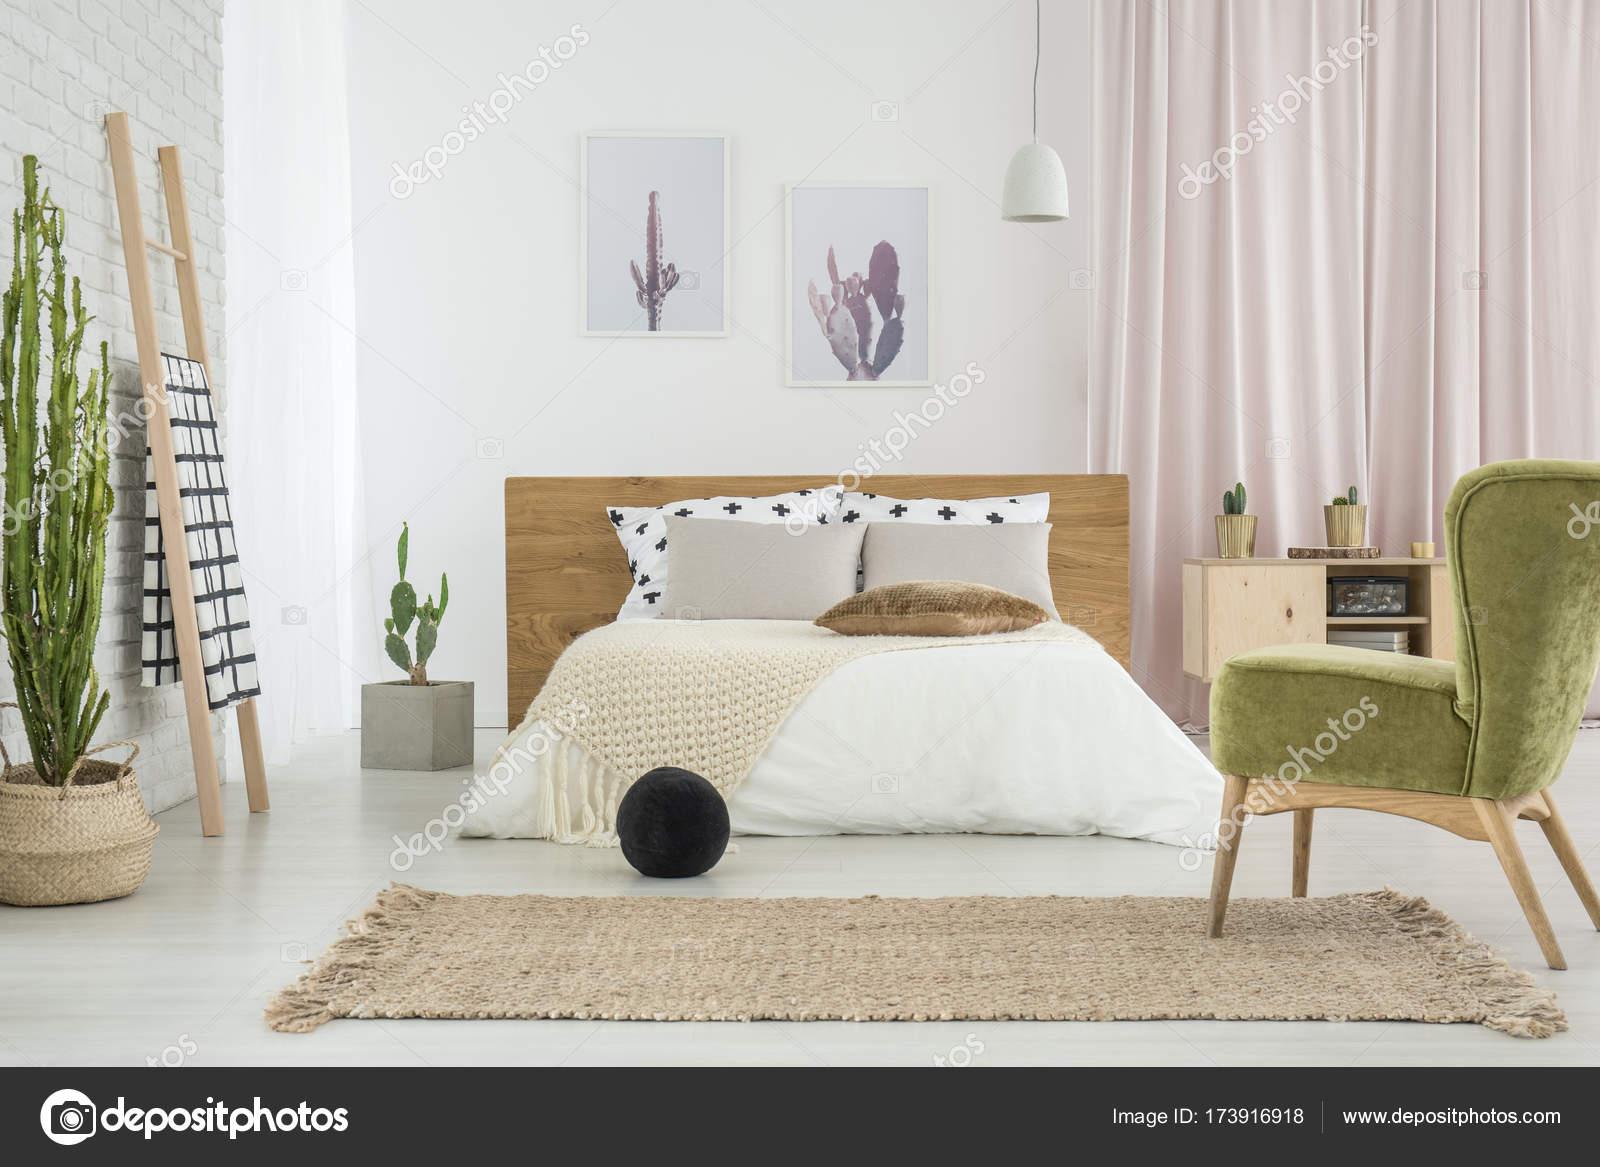 Sedia verde retr in camera da letto foto stock 173916918 - Sedia camera da letto ...